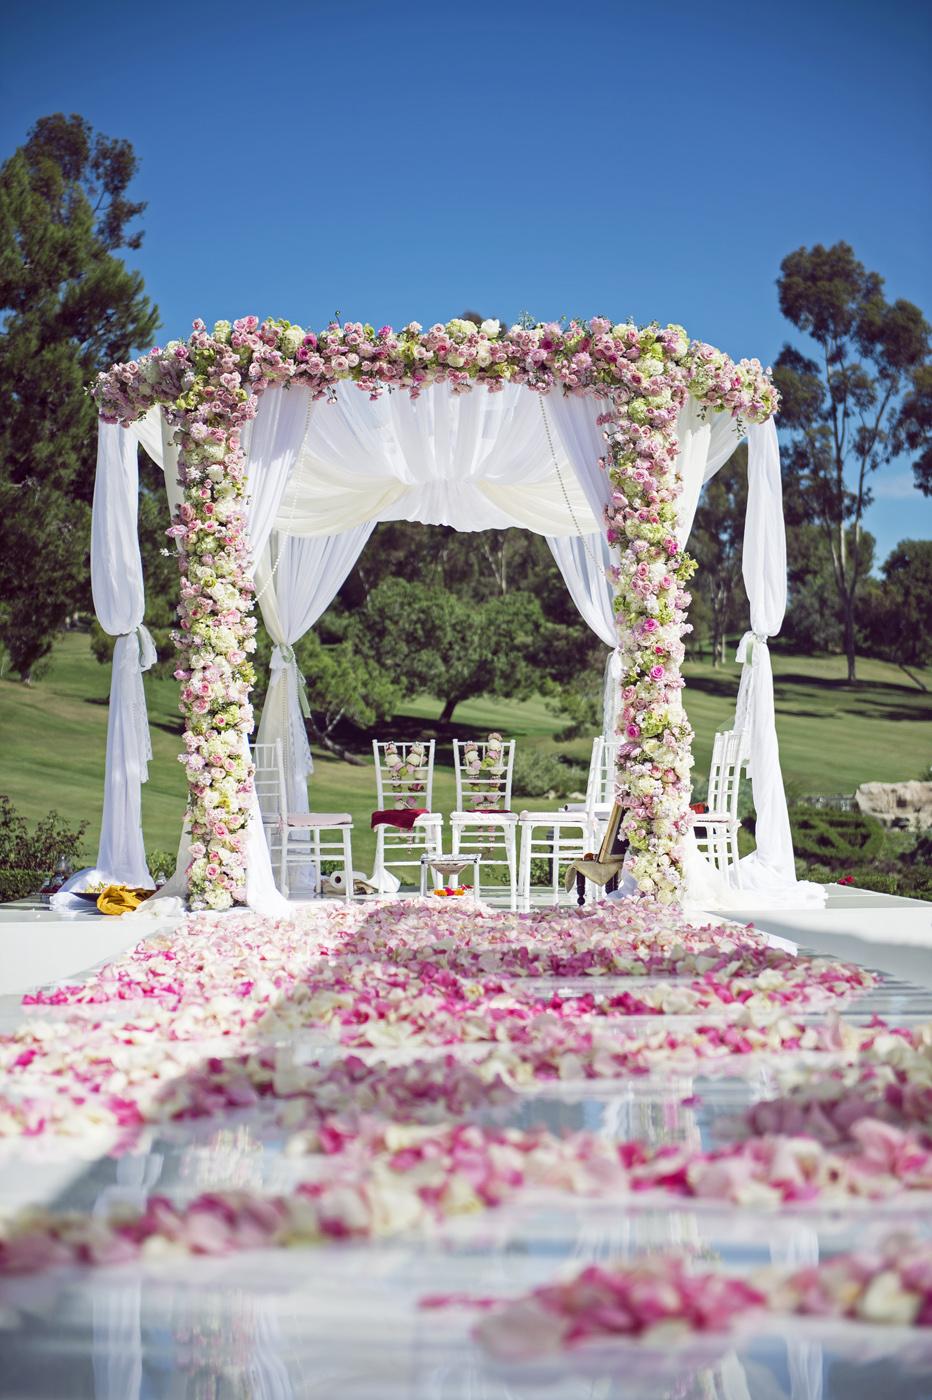 036_DukePhotography_DukeImages_Wedding_Details.jpg